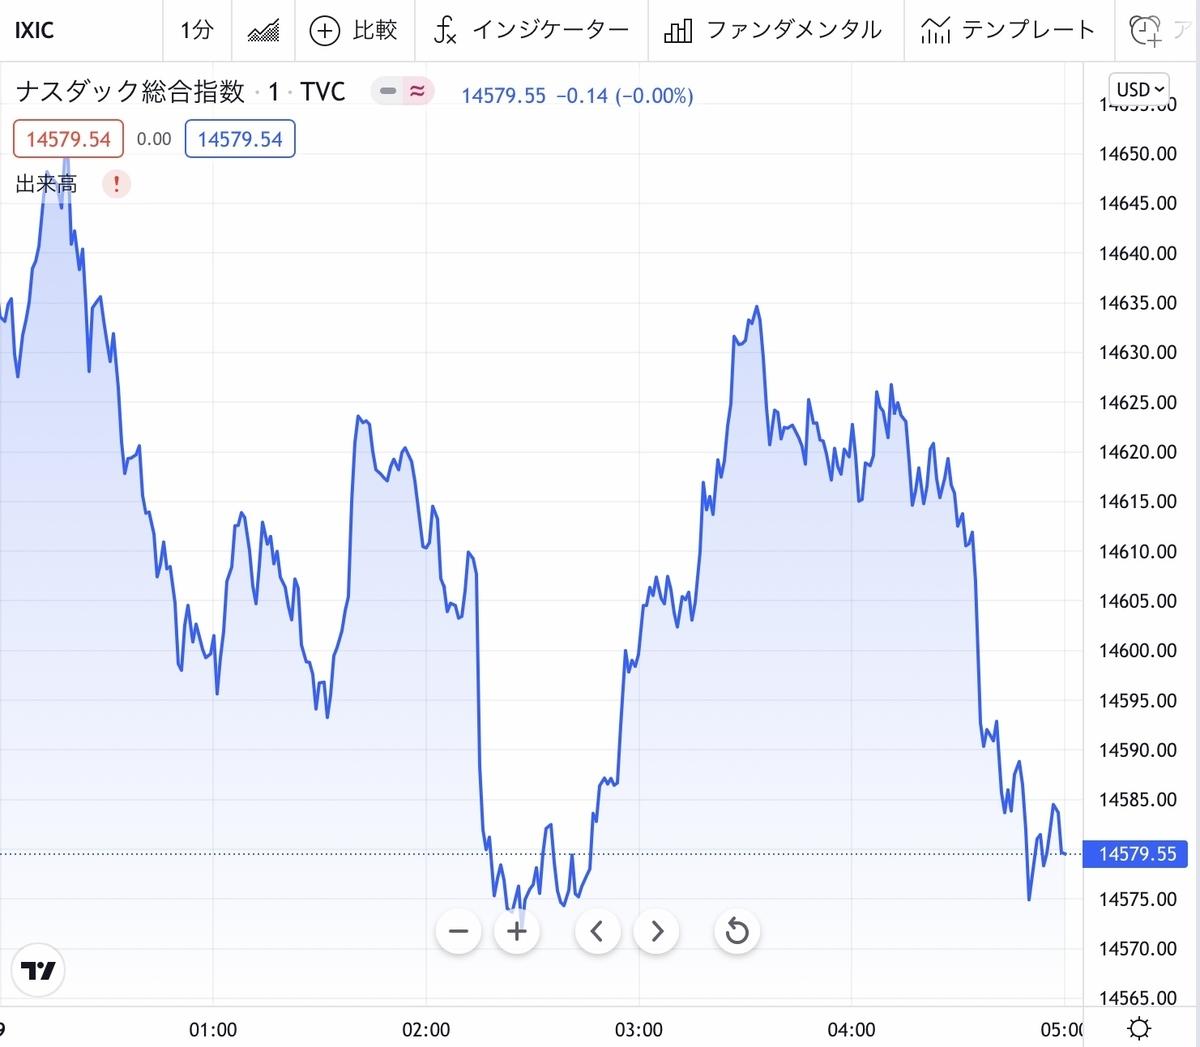 f:id:US-Stocks:20211009082827j:plain